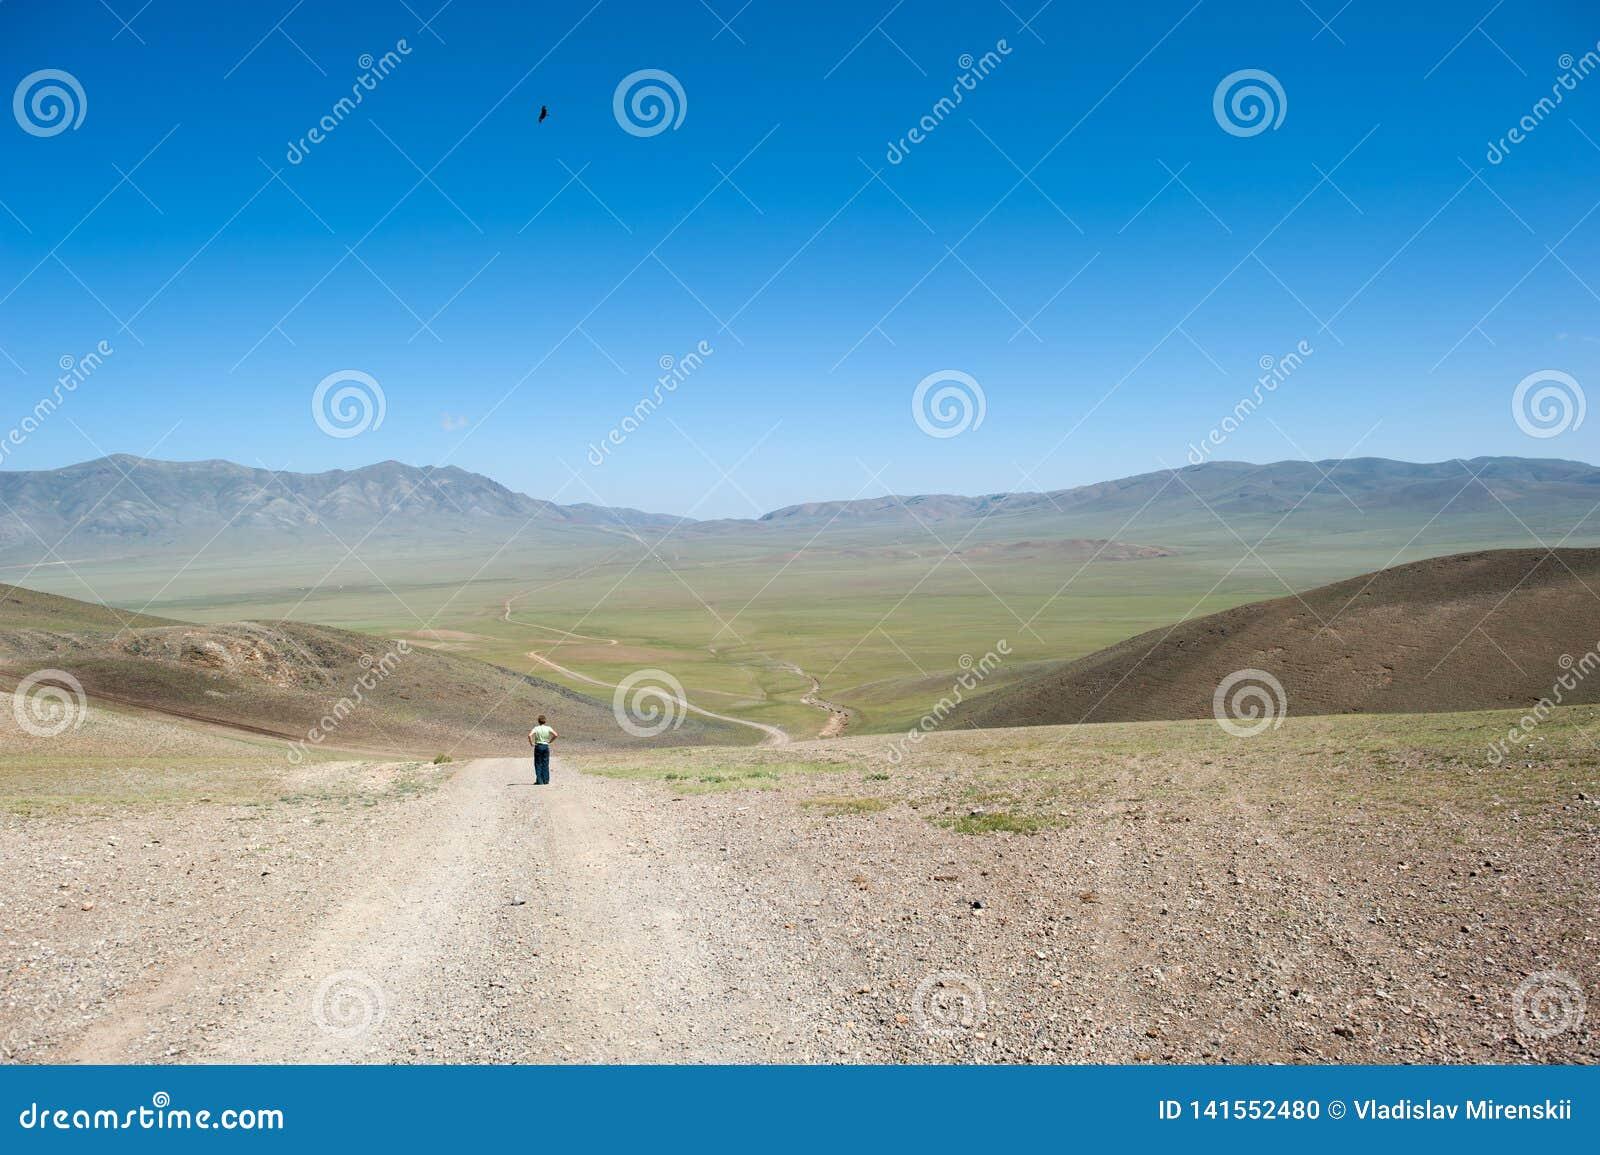 Un ragazzo esamina una strada della steppa attraverso una valle in Mongolia, un aquila vola sopra lui nel cielo